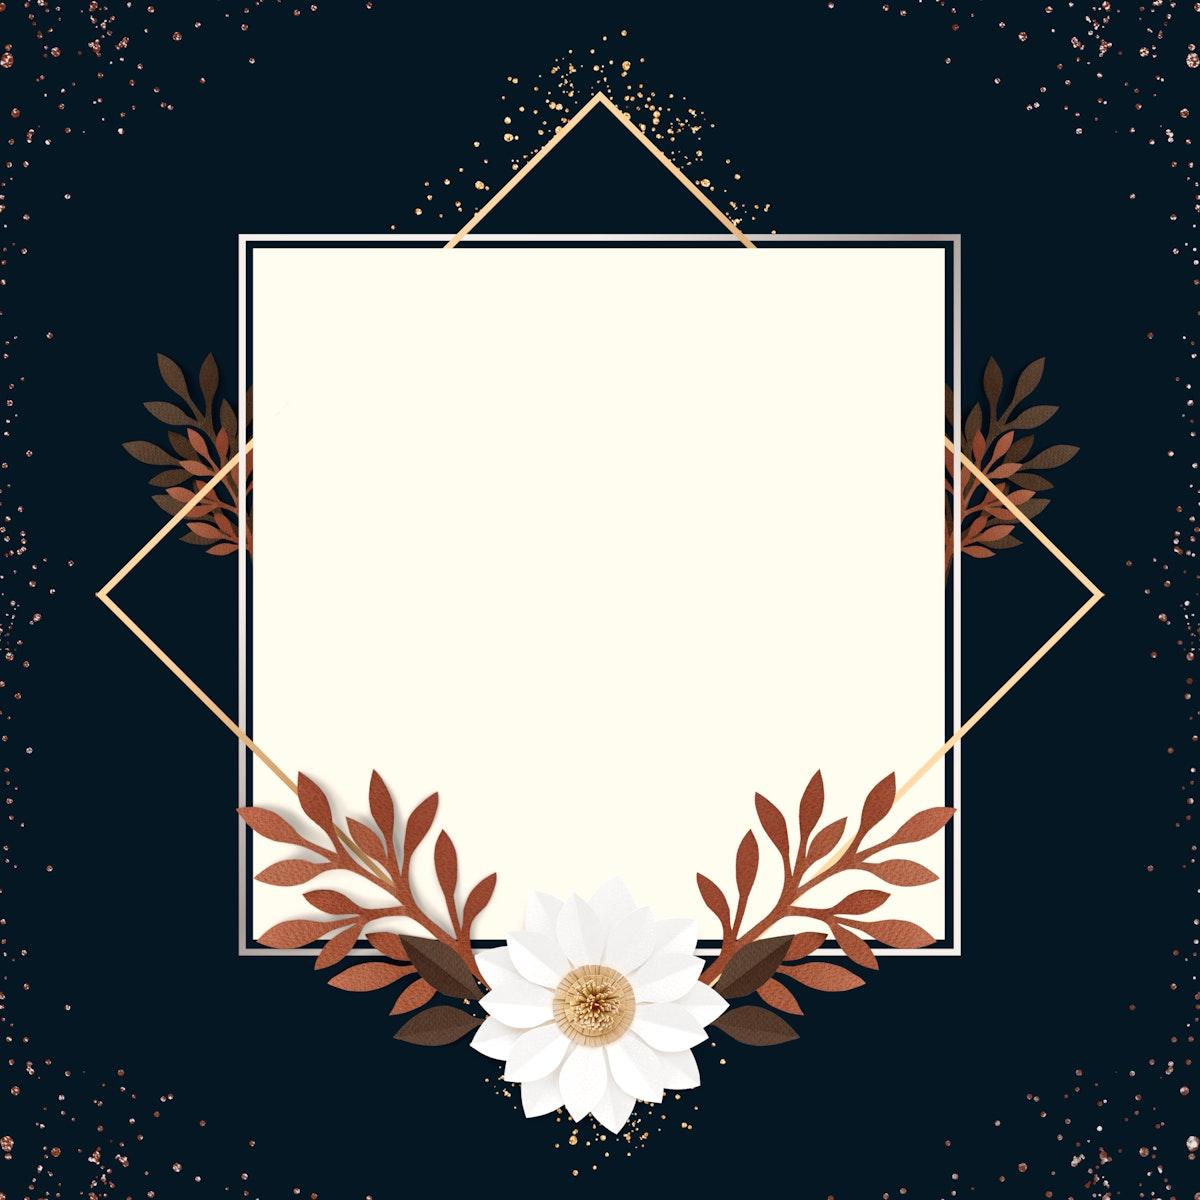 Square paper craft flower frame template illustration